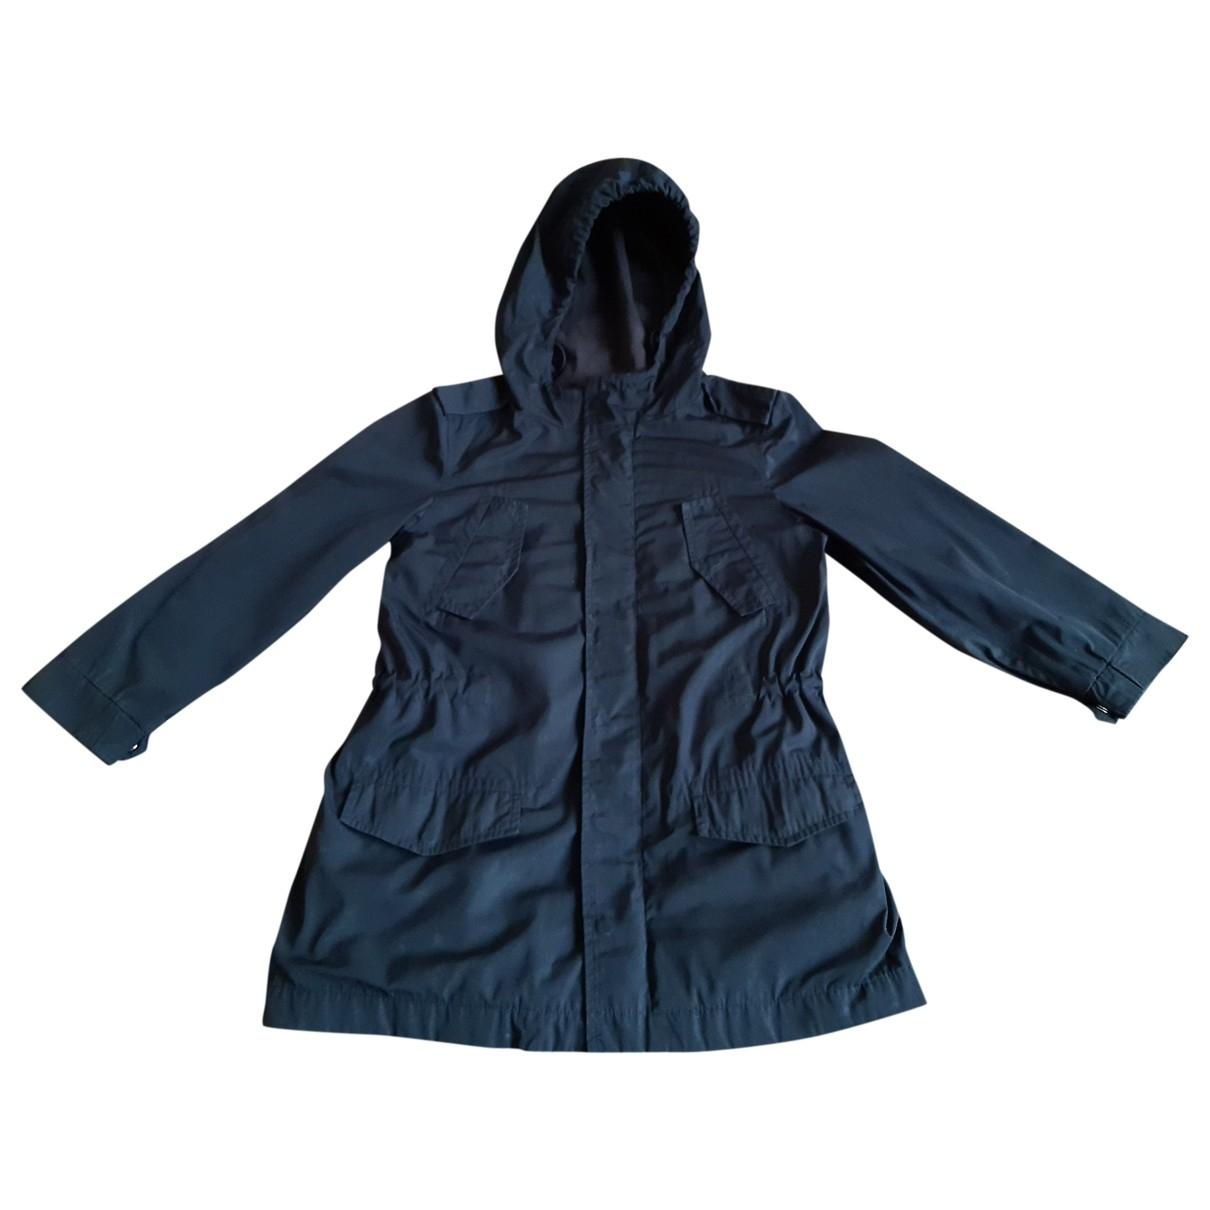 Abrigo, Chaqueta en Sintetico Azul Bonpoint